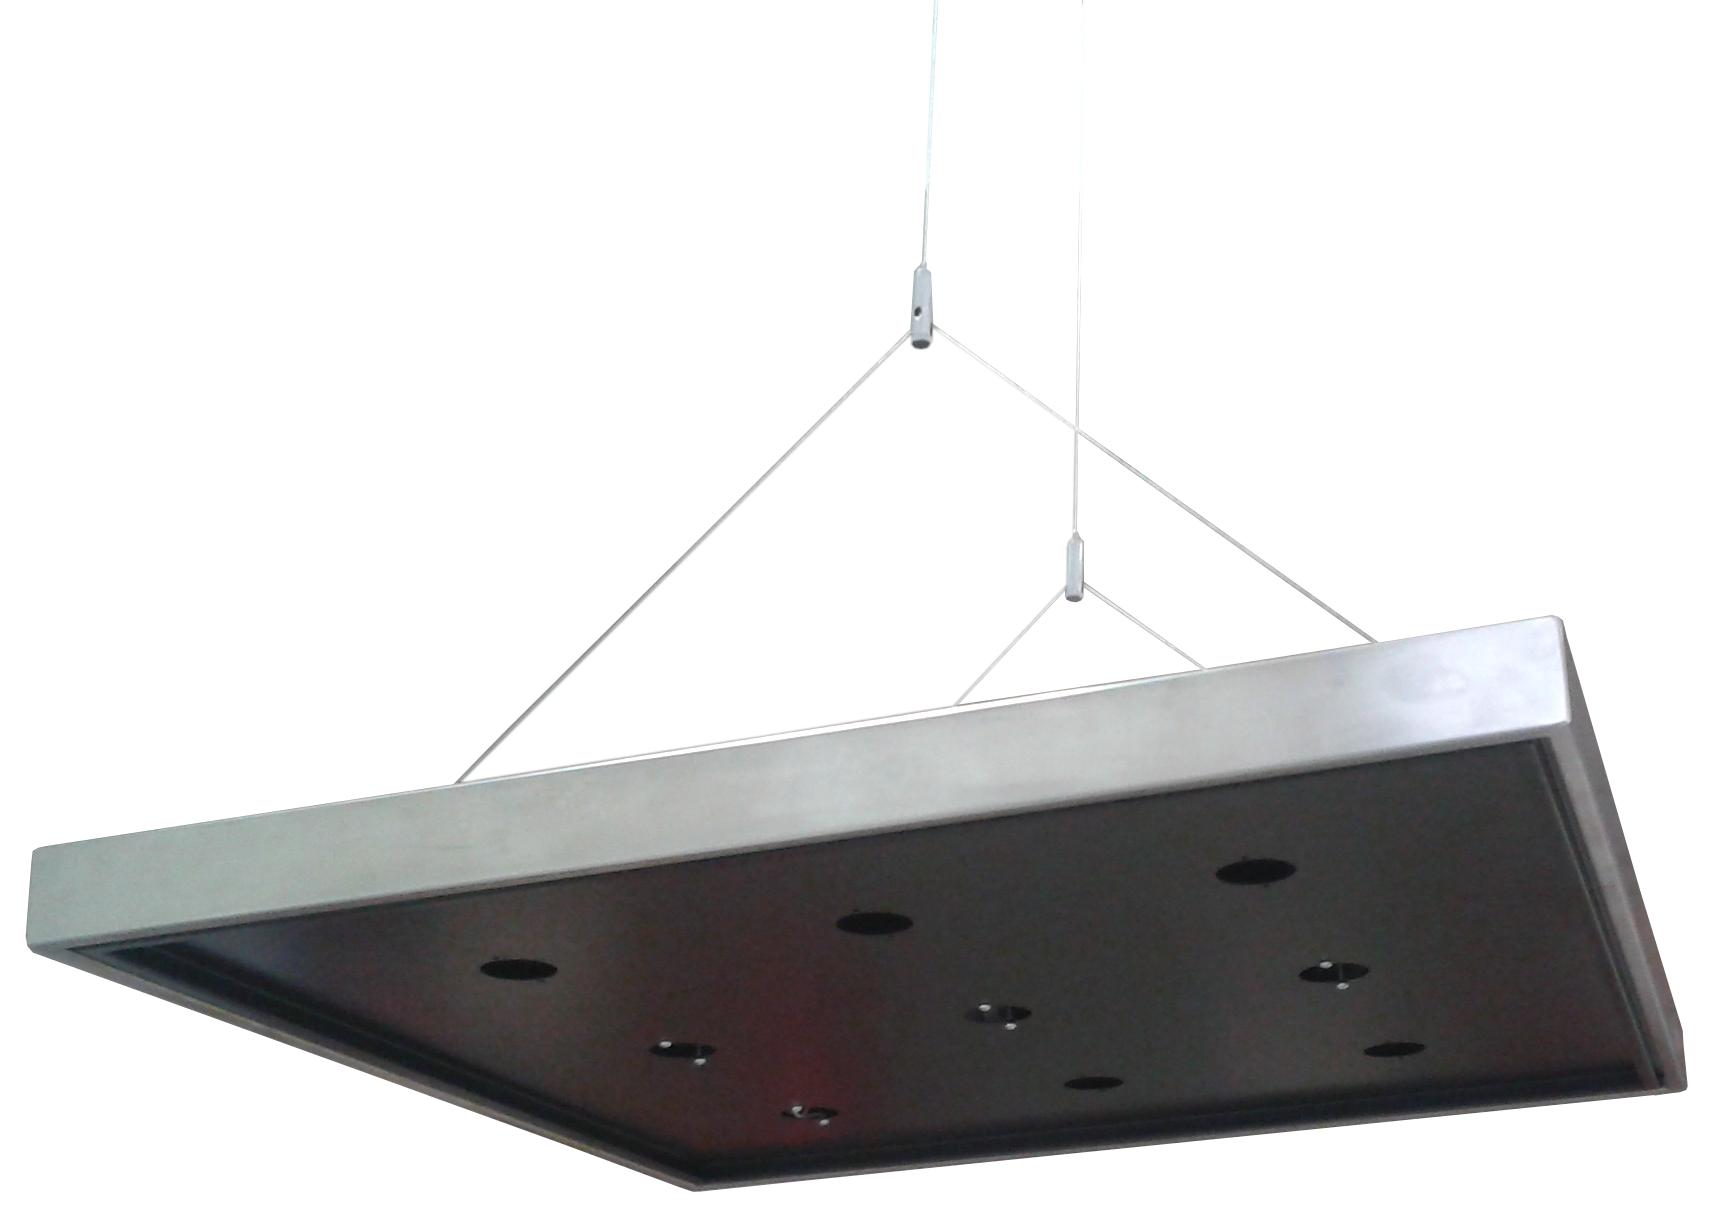 Supporto Plafoniera LED 60x60 Sospensione - ECOLUX SOSPENSIONE NERO